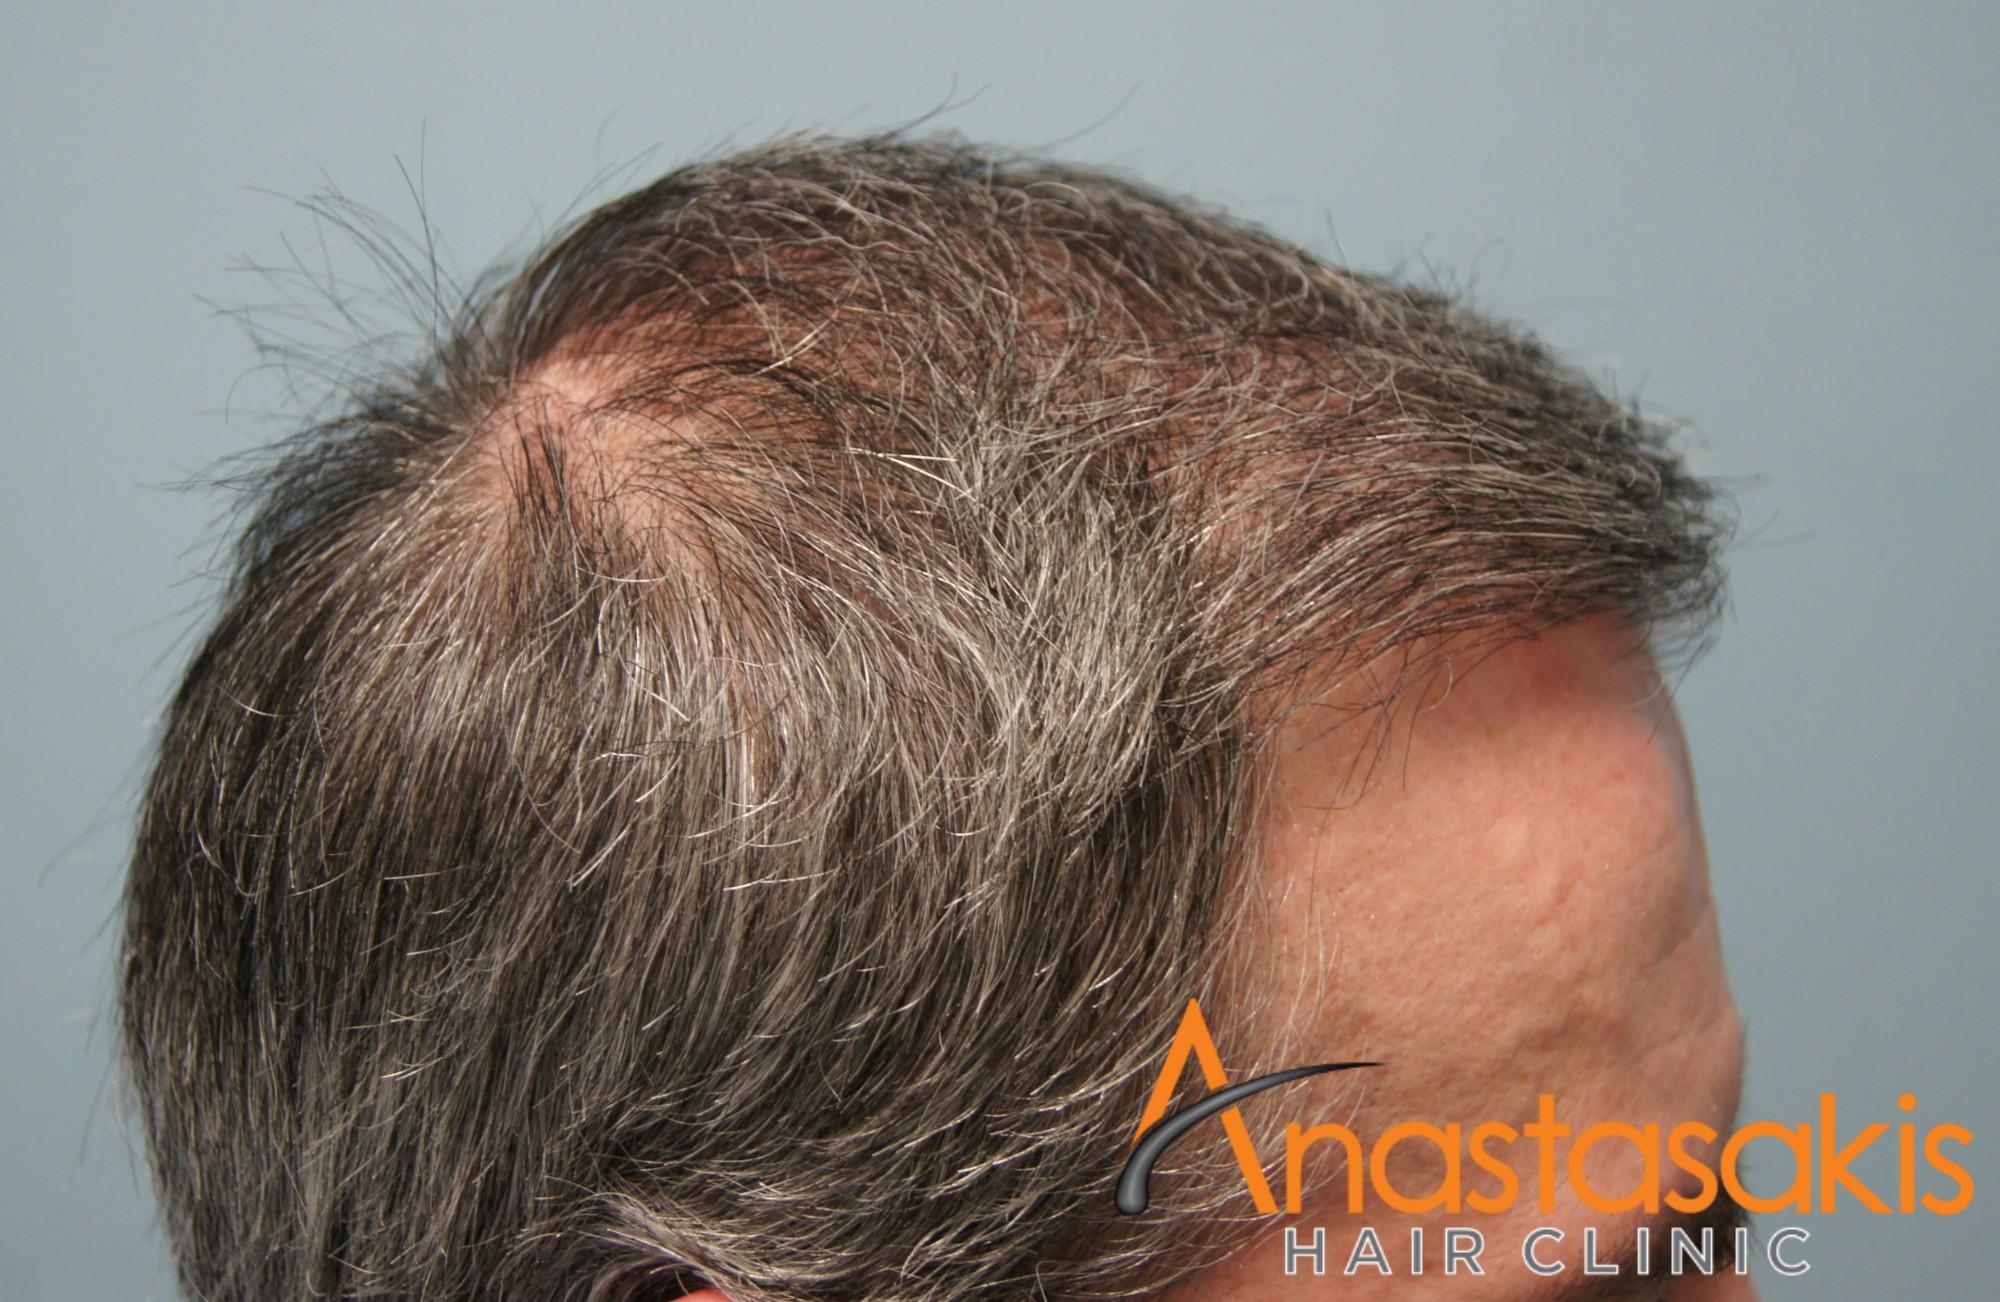 δεξι προφιλ ασθενους μετα τη μεταμοσχευση μαλλιων με 3050 fus